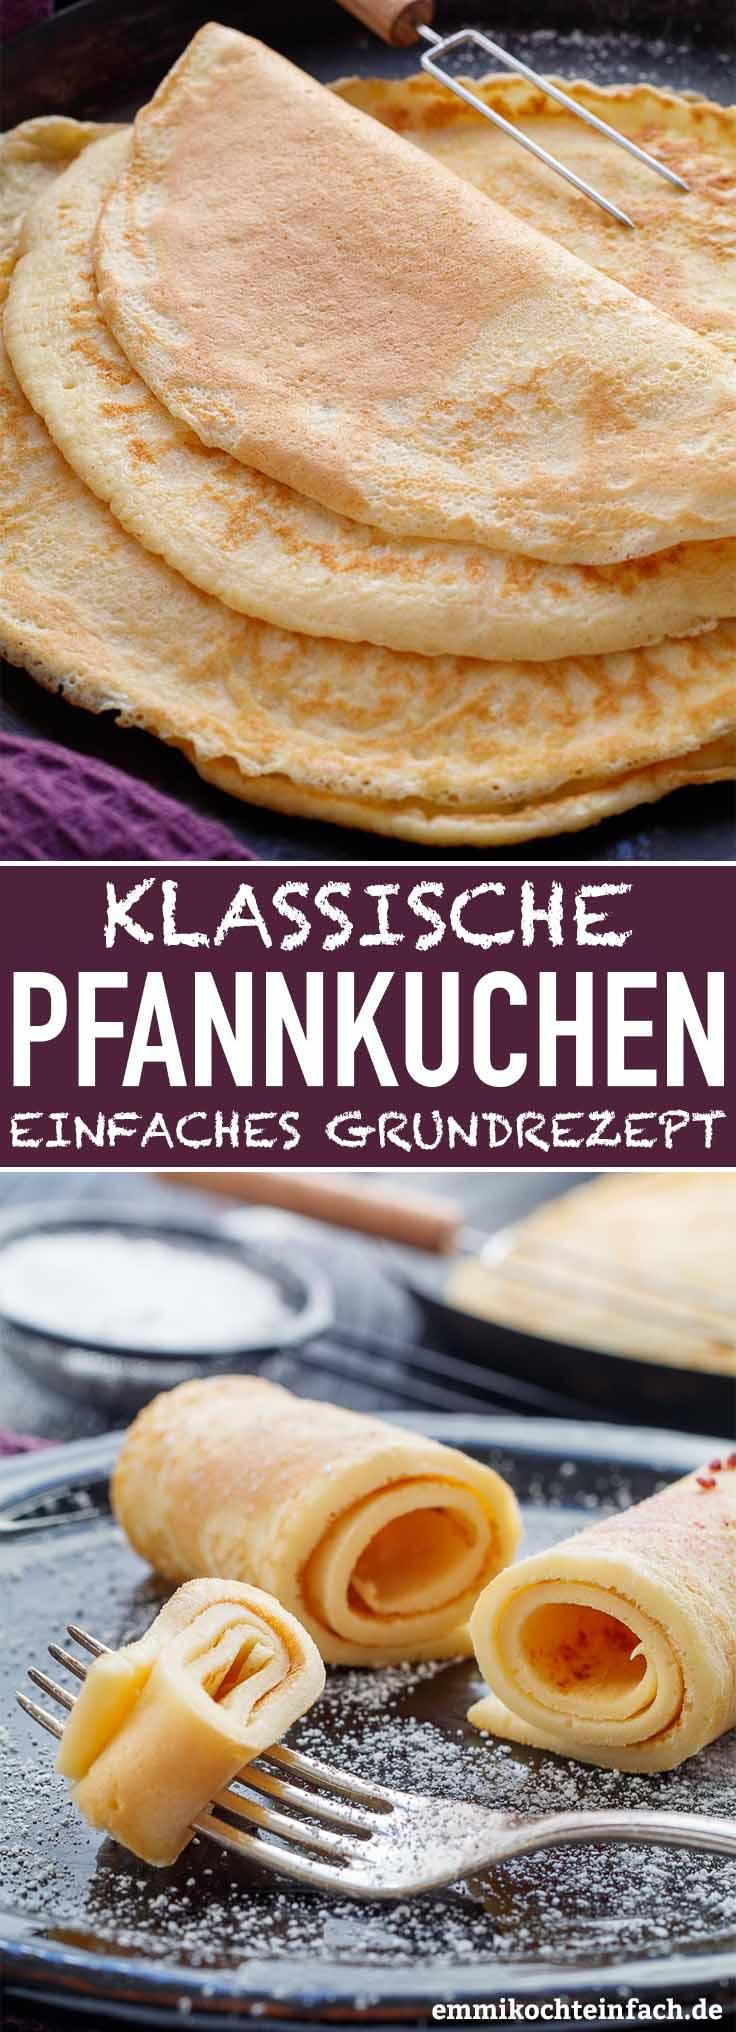 Emmis klassische Pfannkuchen - mein Grundrezept - www.emmikochteinfach.de